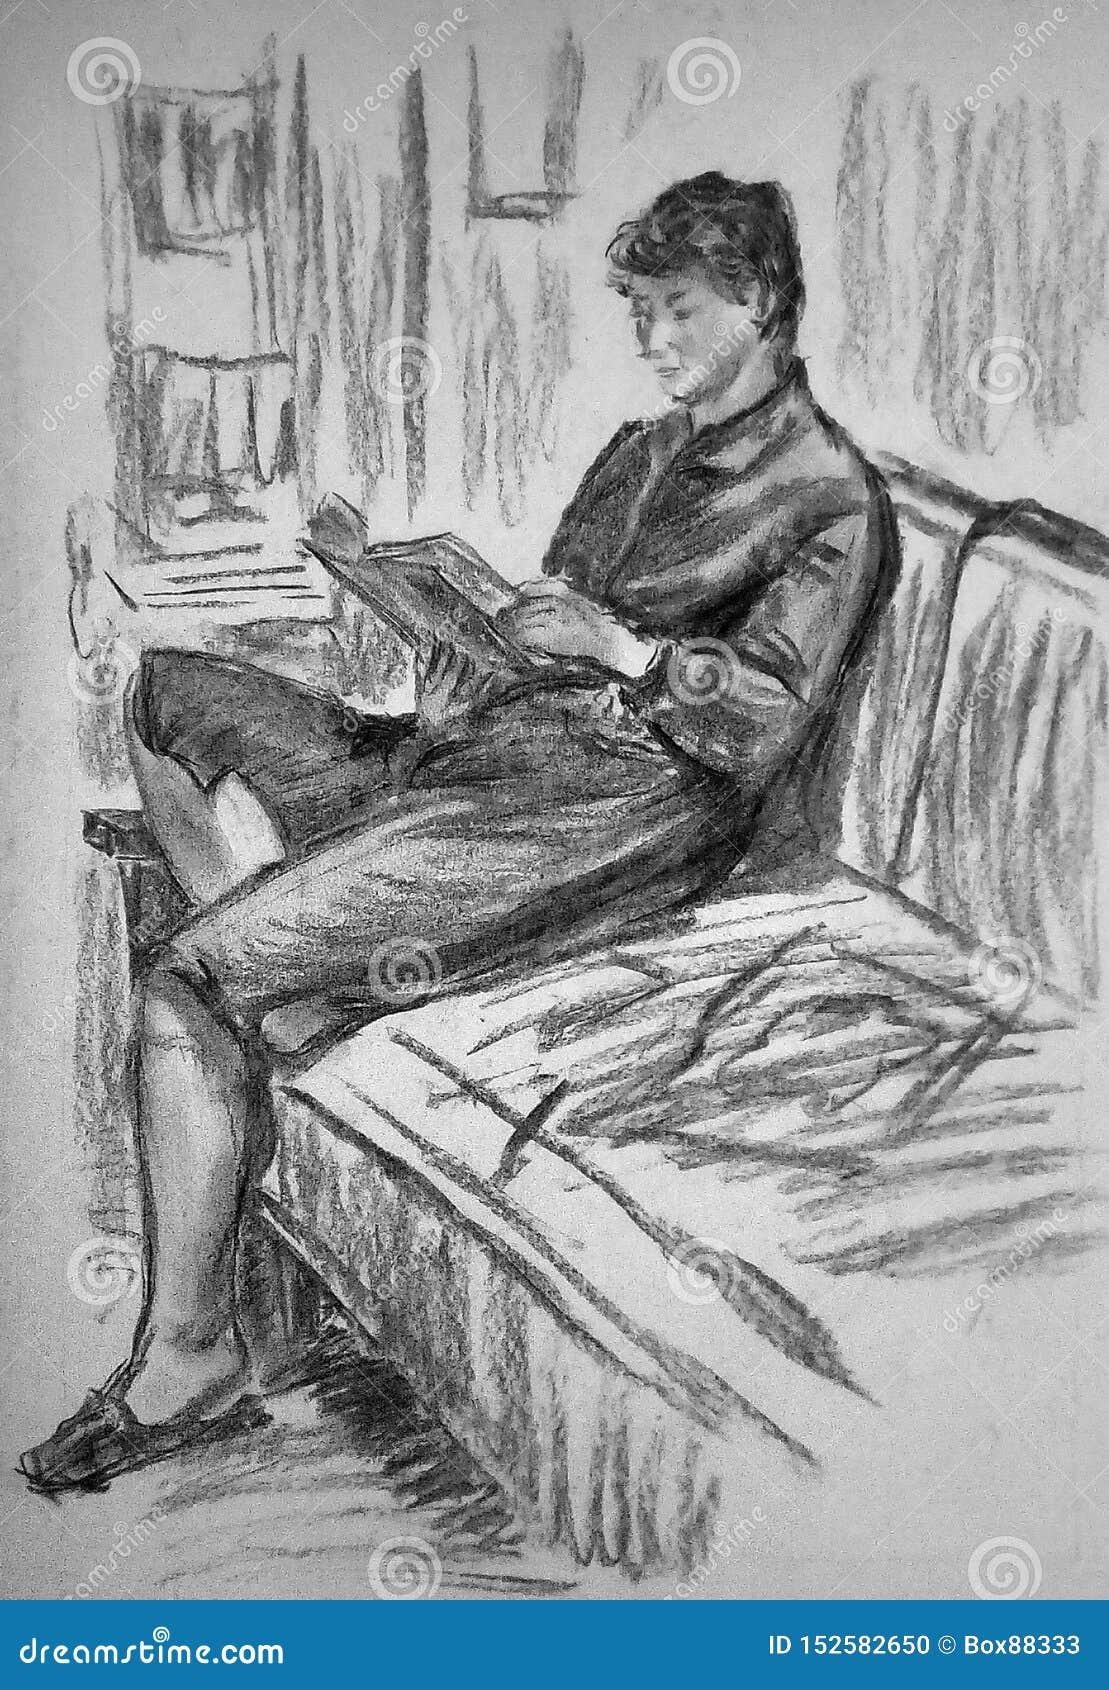 Un croquis de una mujer que se sienta en un sofá en un cuarto